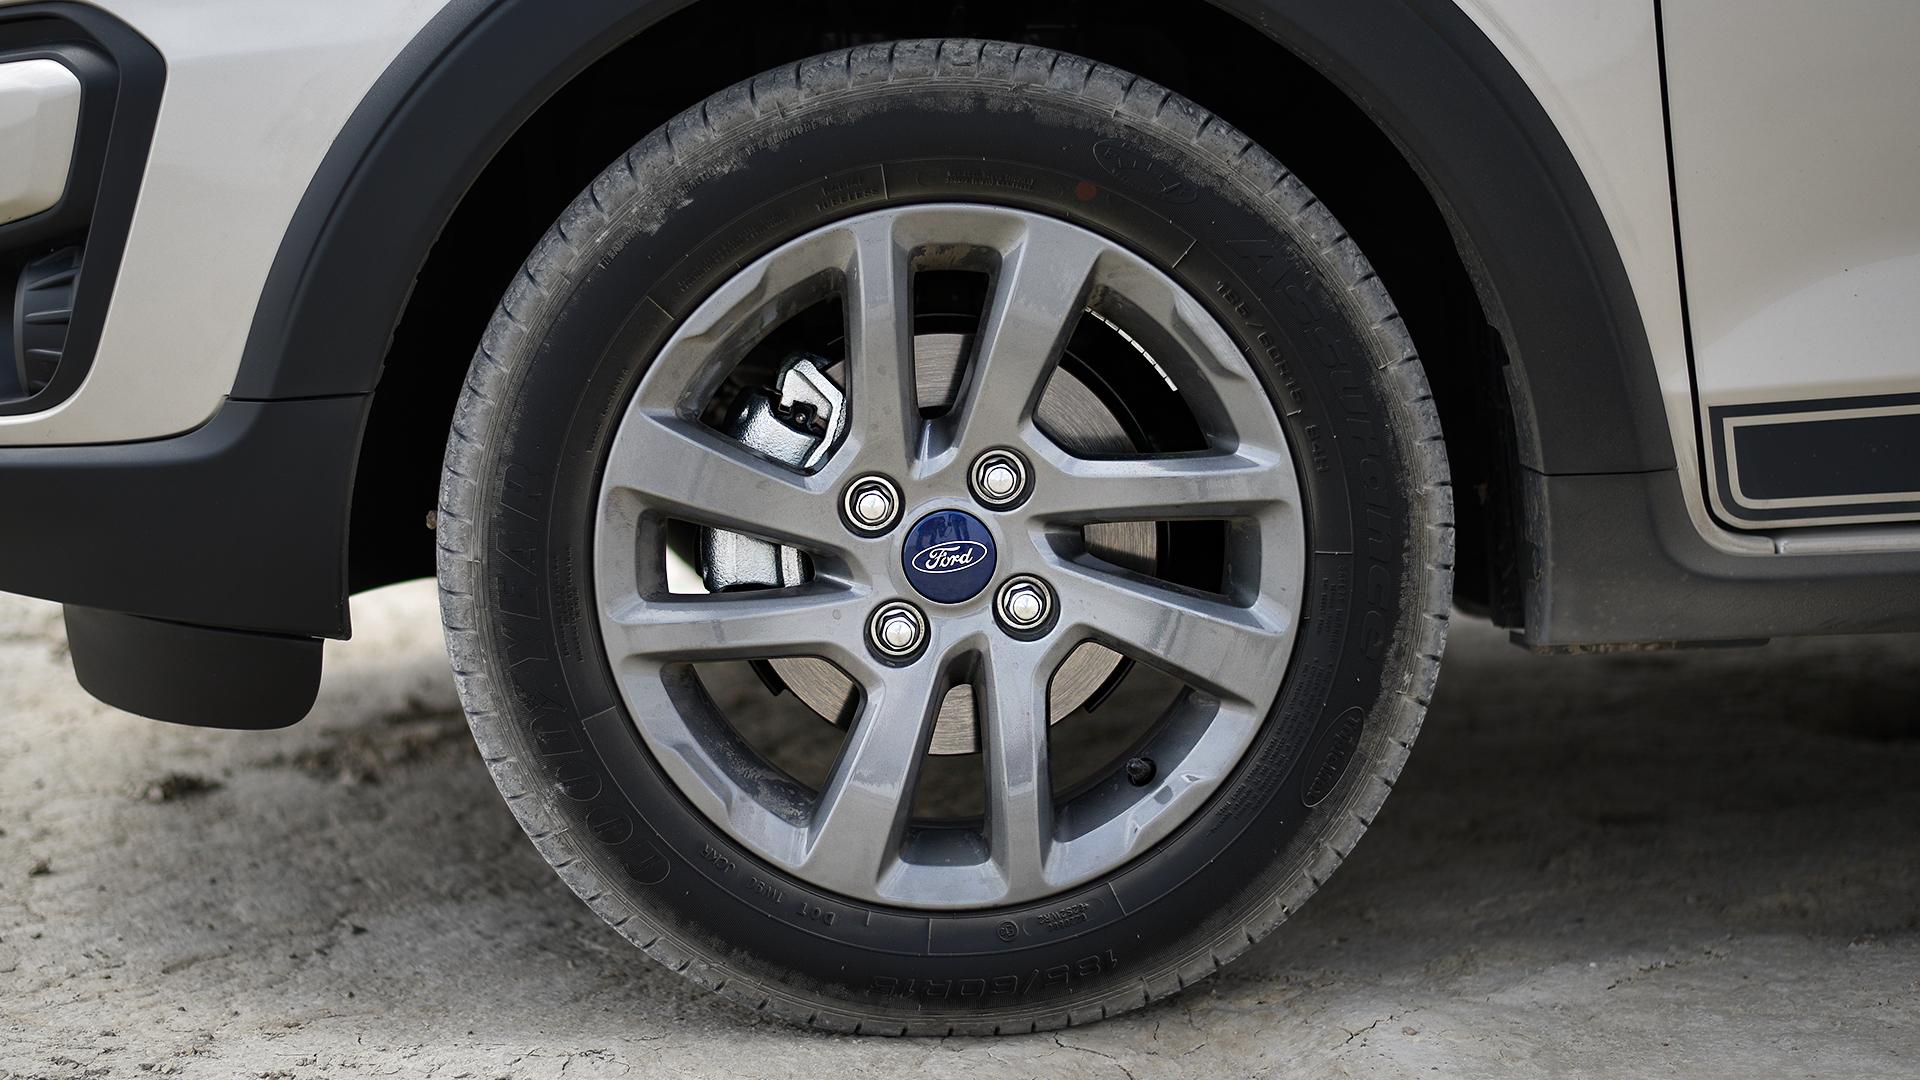 Ford Freestyle 2018 1.2 Petrol Titanium Exterior